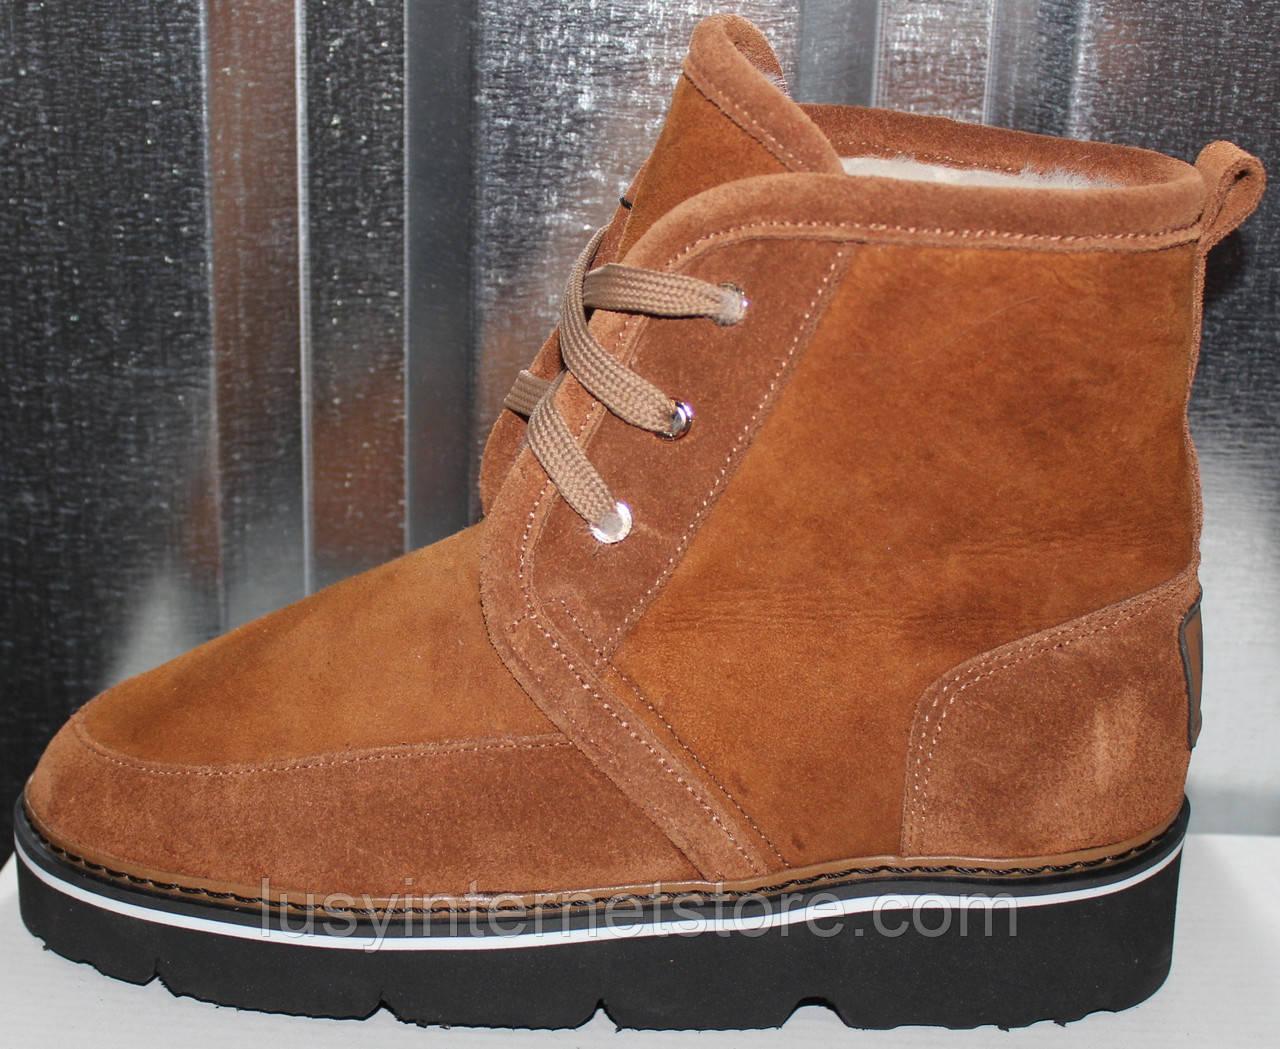 Ботинки рыжие зимние от производителя модель РИ103-2